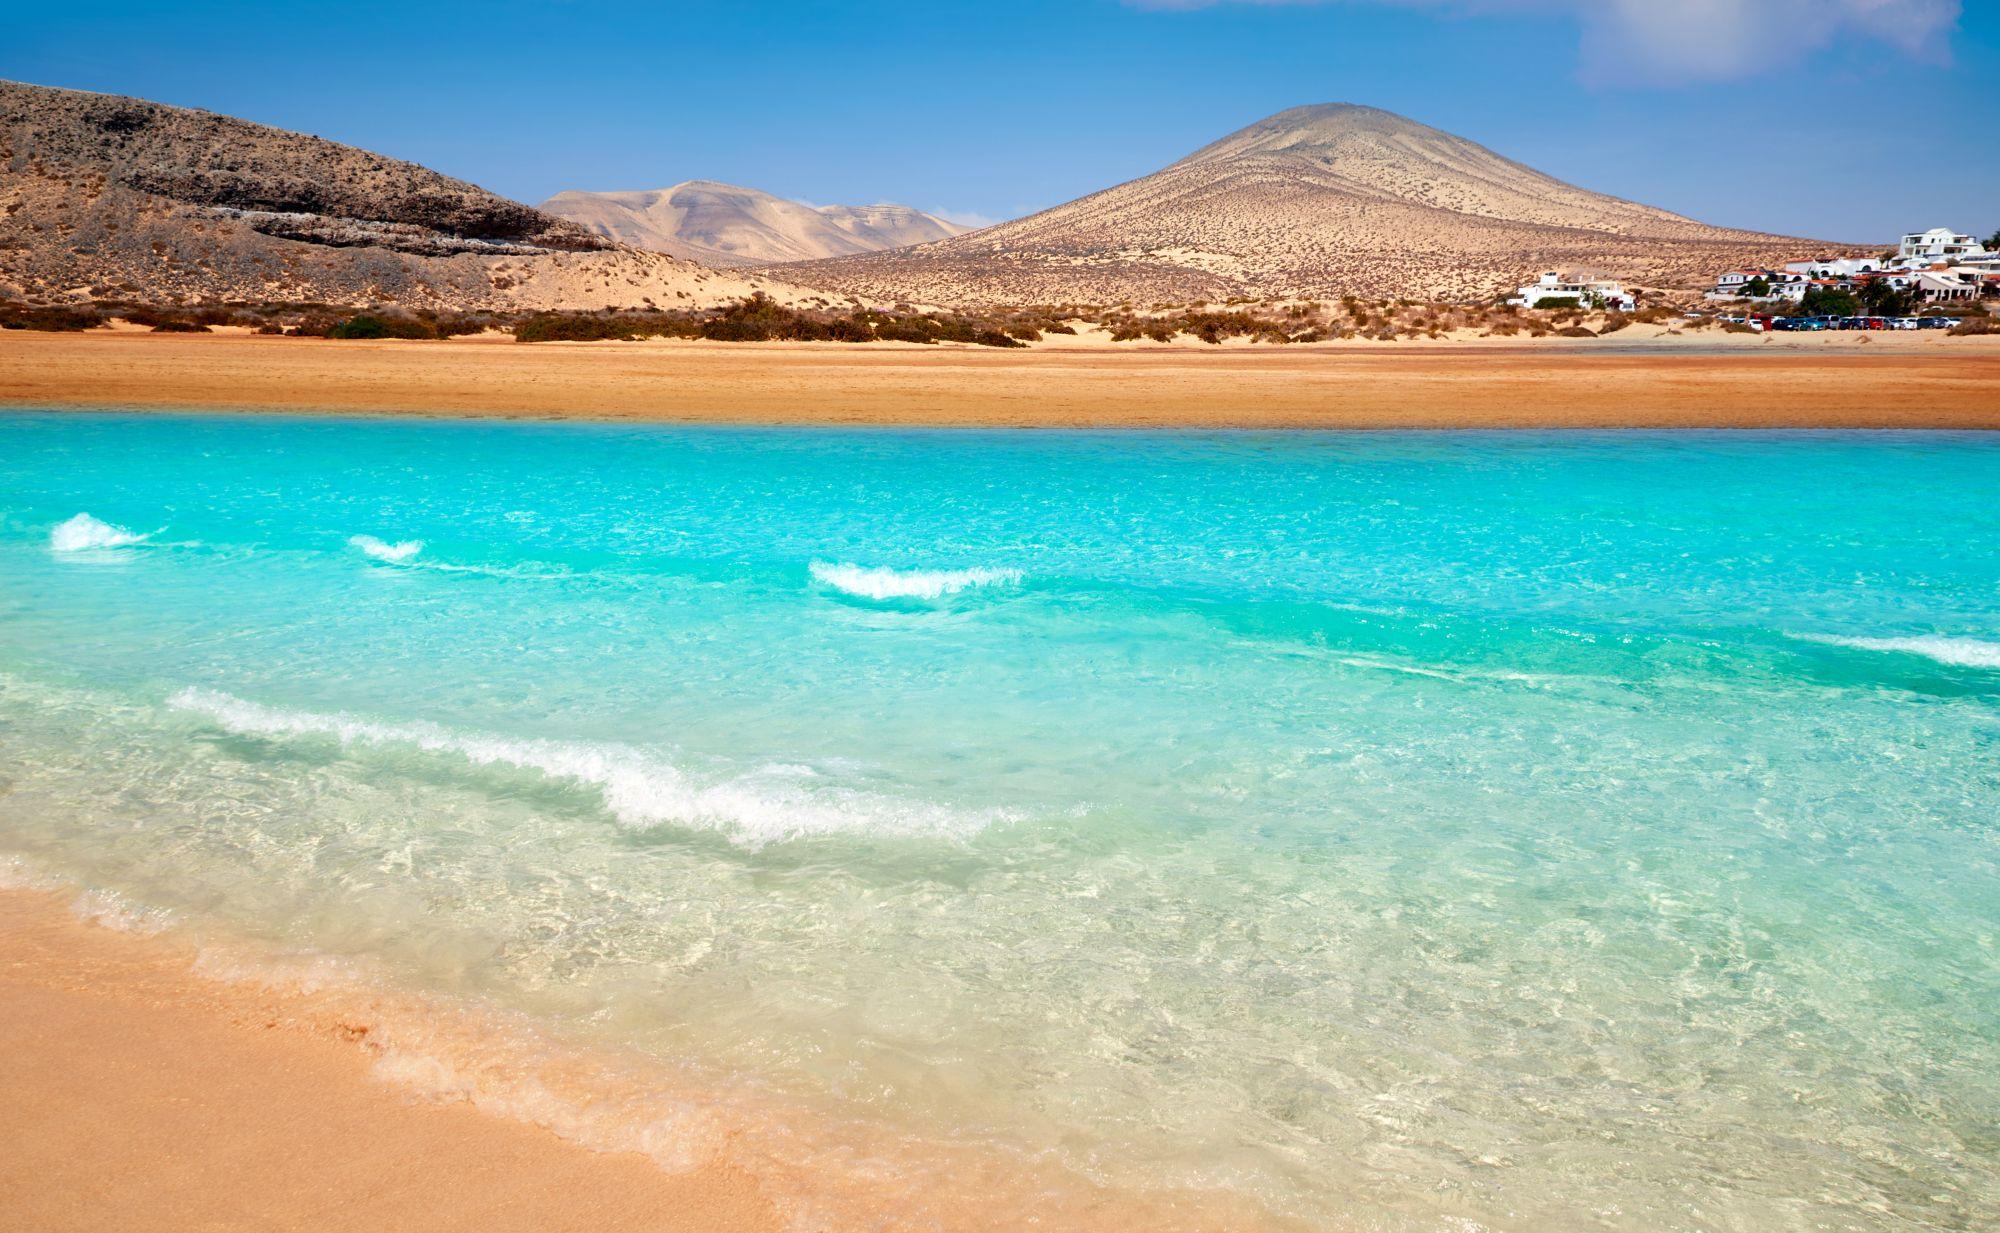 Plaża na Wyspach Kanaryjskich